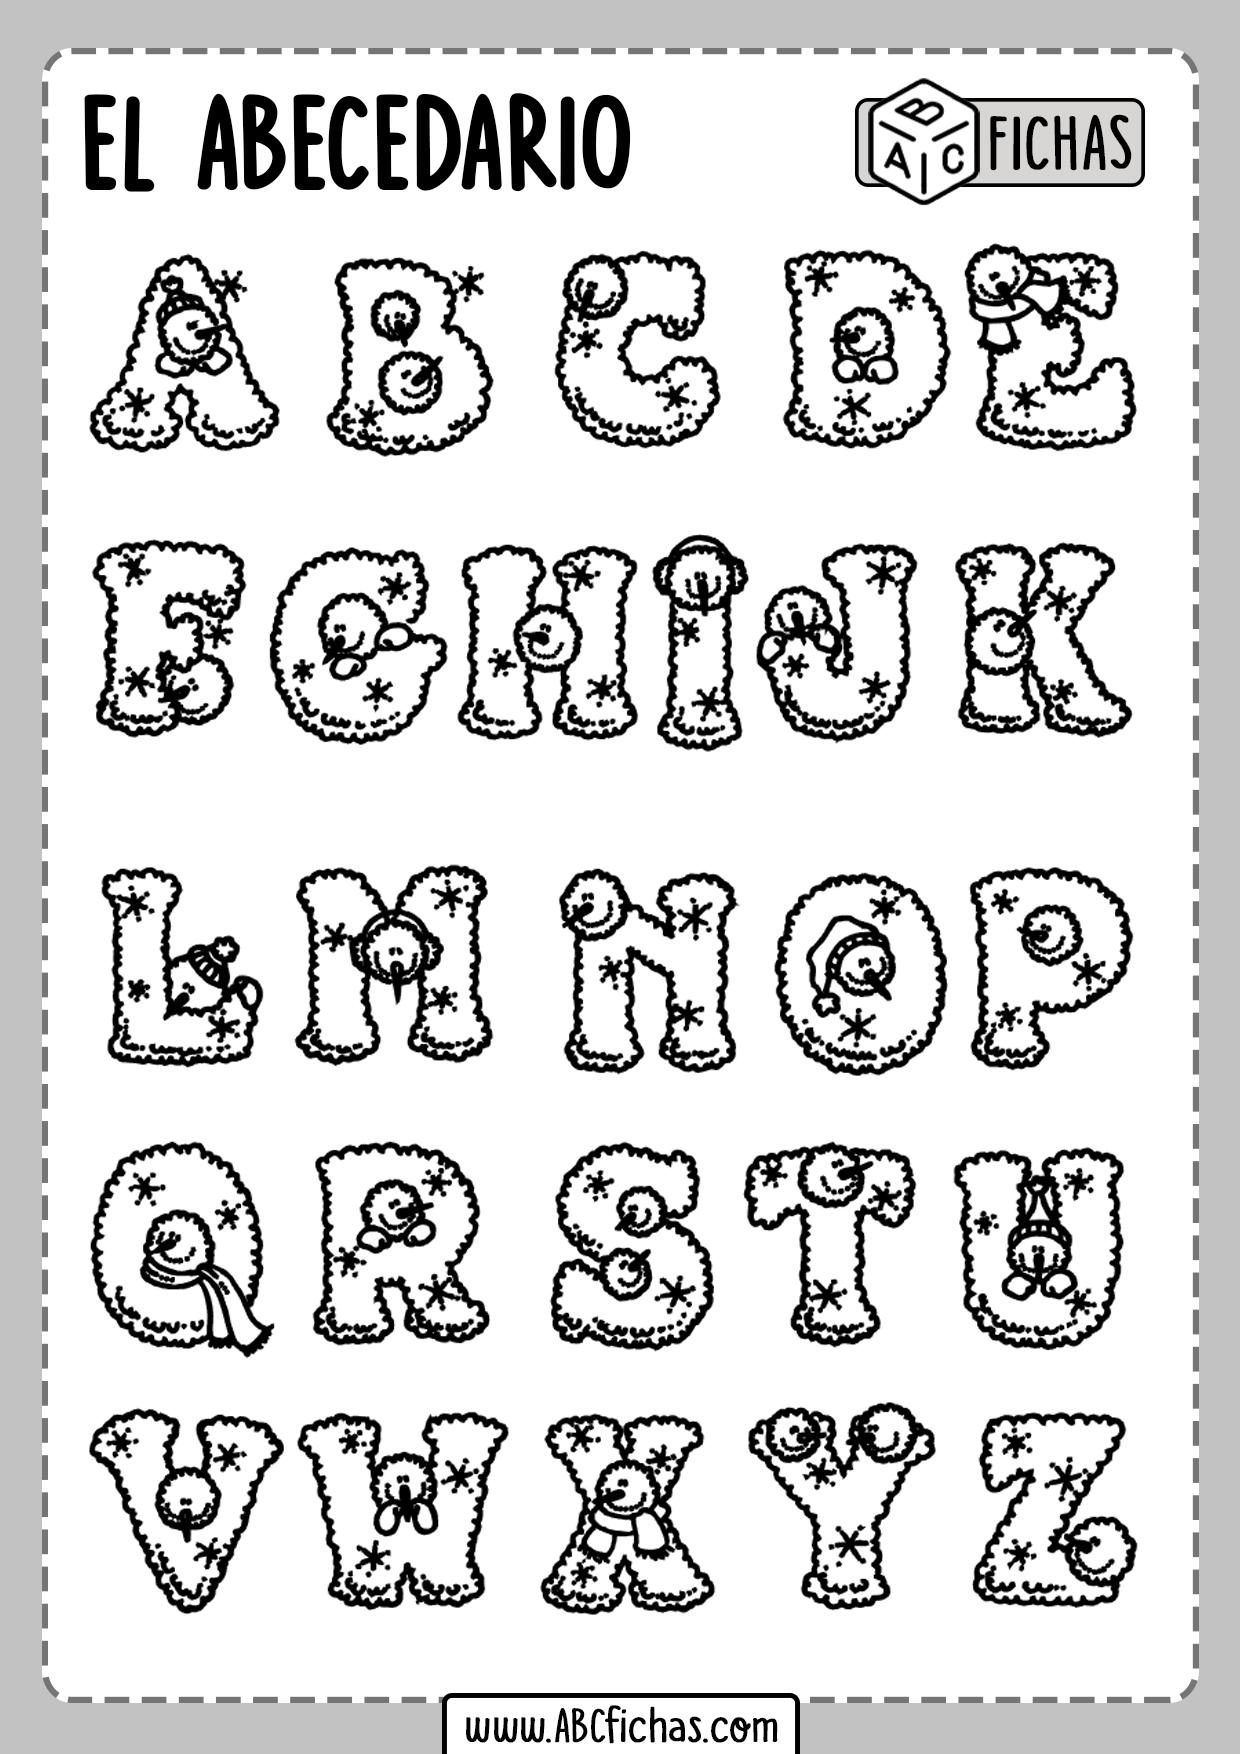 Las Letras Abecedario